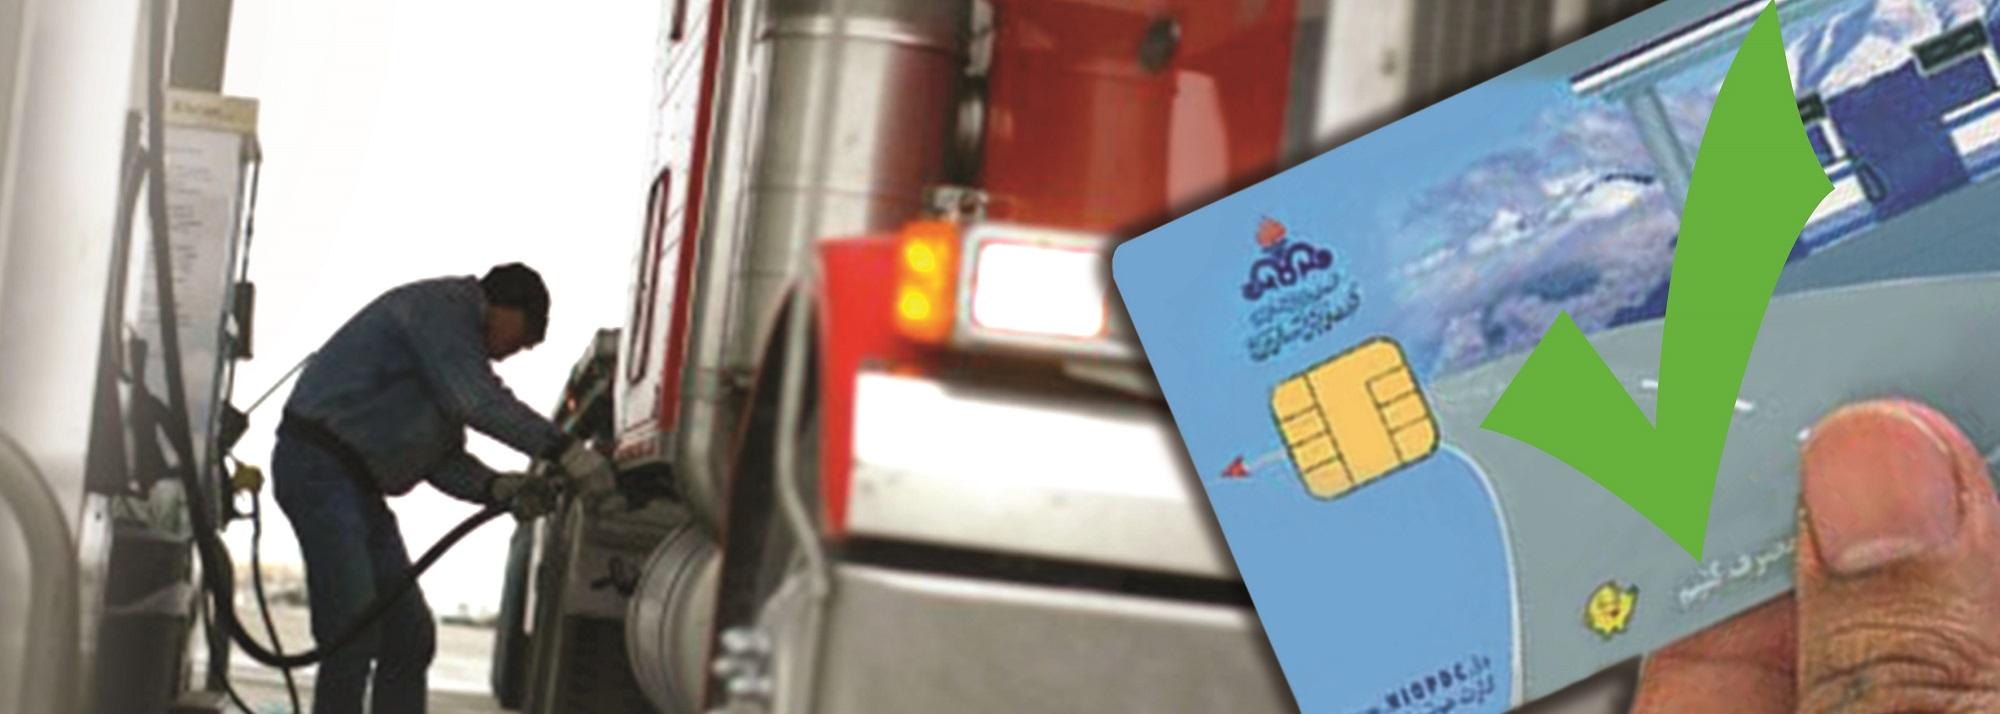 انتقال بنزین 400 تومانی به فاز دوم هدفمندی اما برای دوره محدود